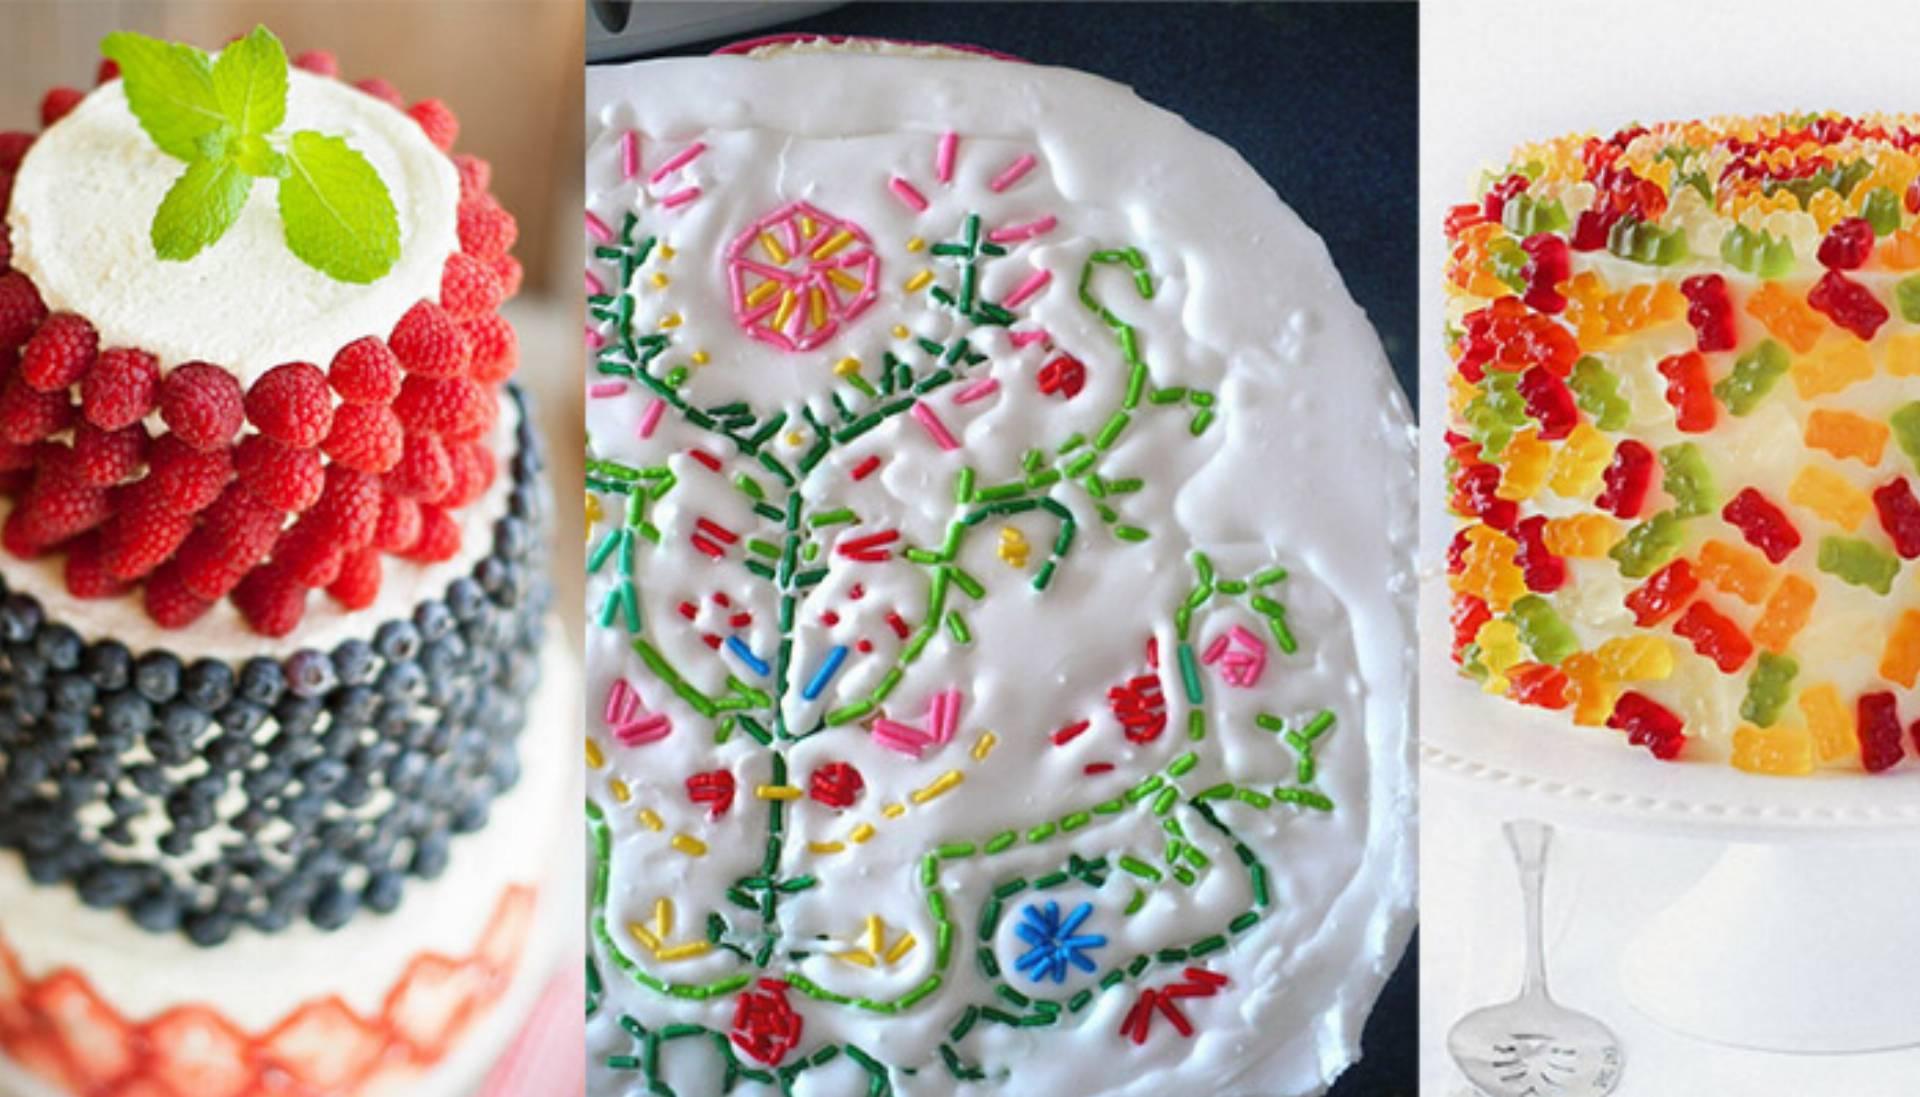 Proste Dekoracje Tortów I Ciast Jak Udekorować Tort Samemu